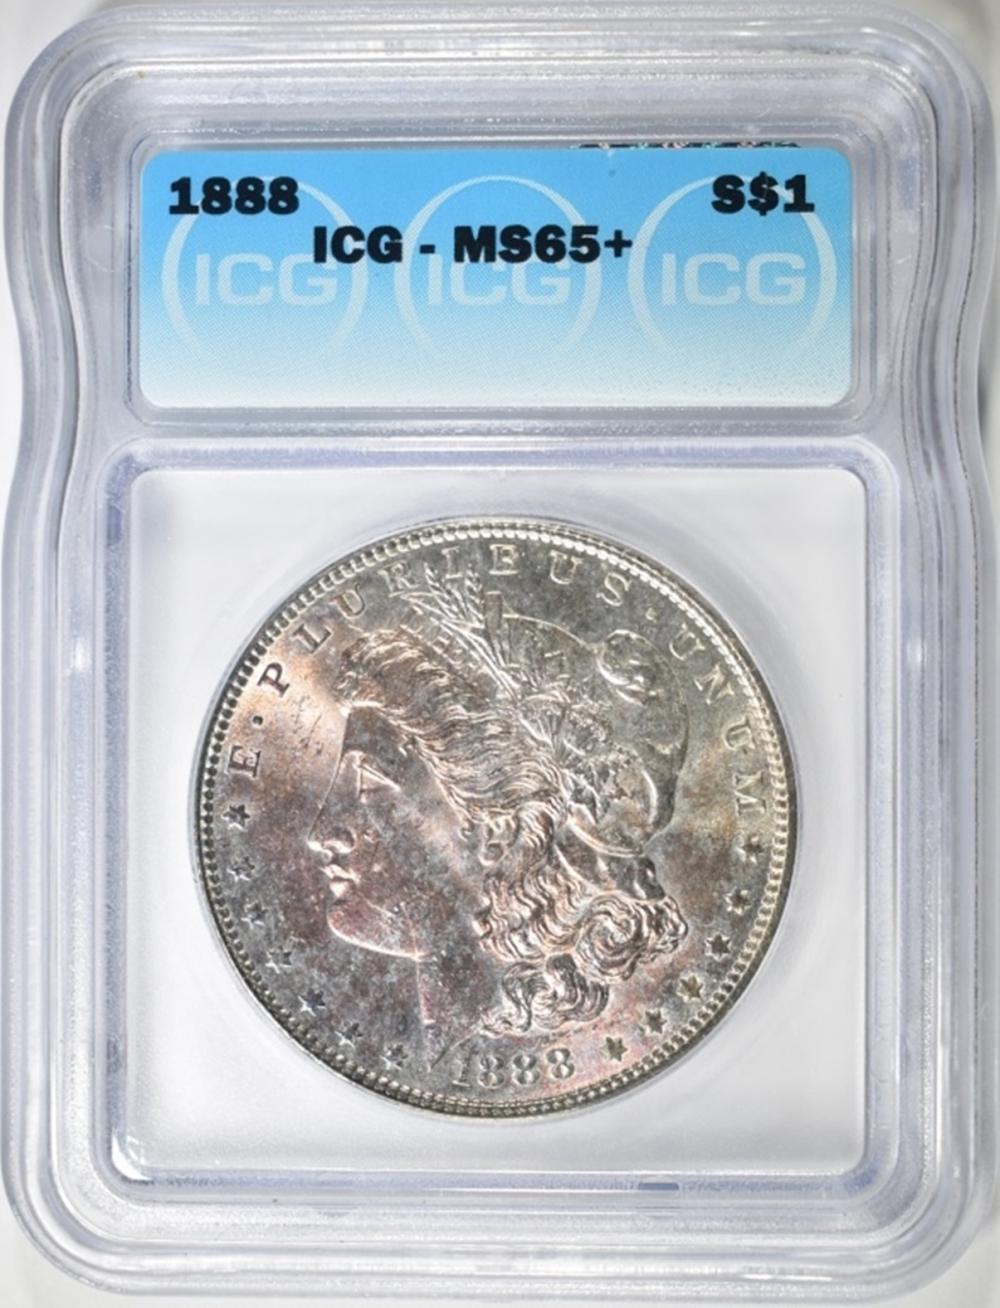 1888 MORGAN DOLLAR  ICG  MS-65+